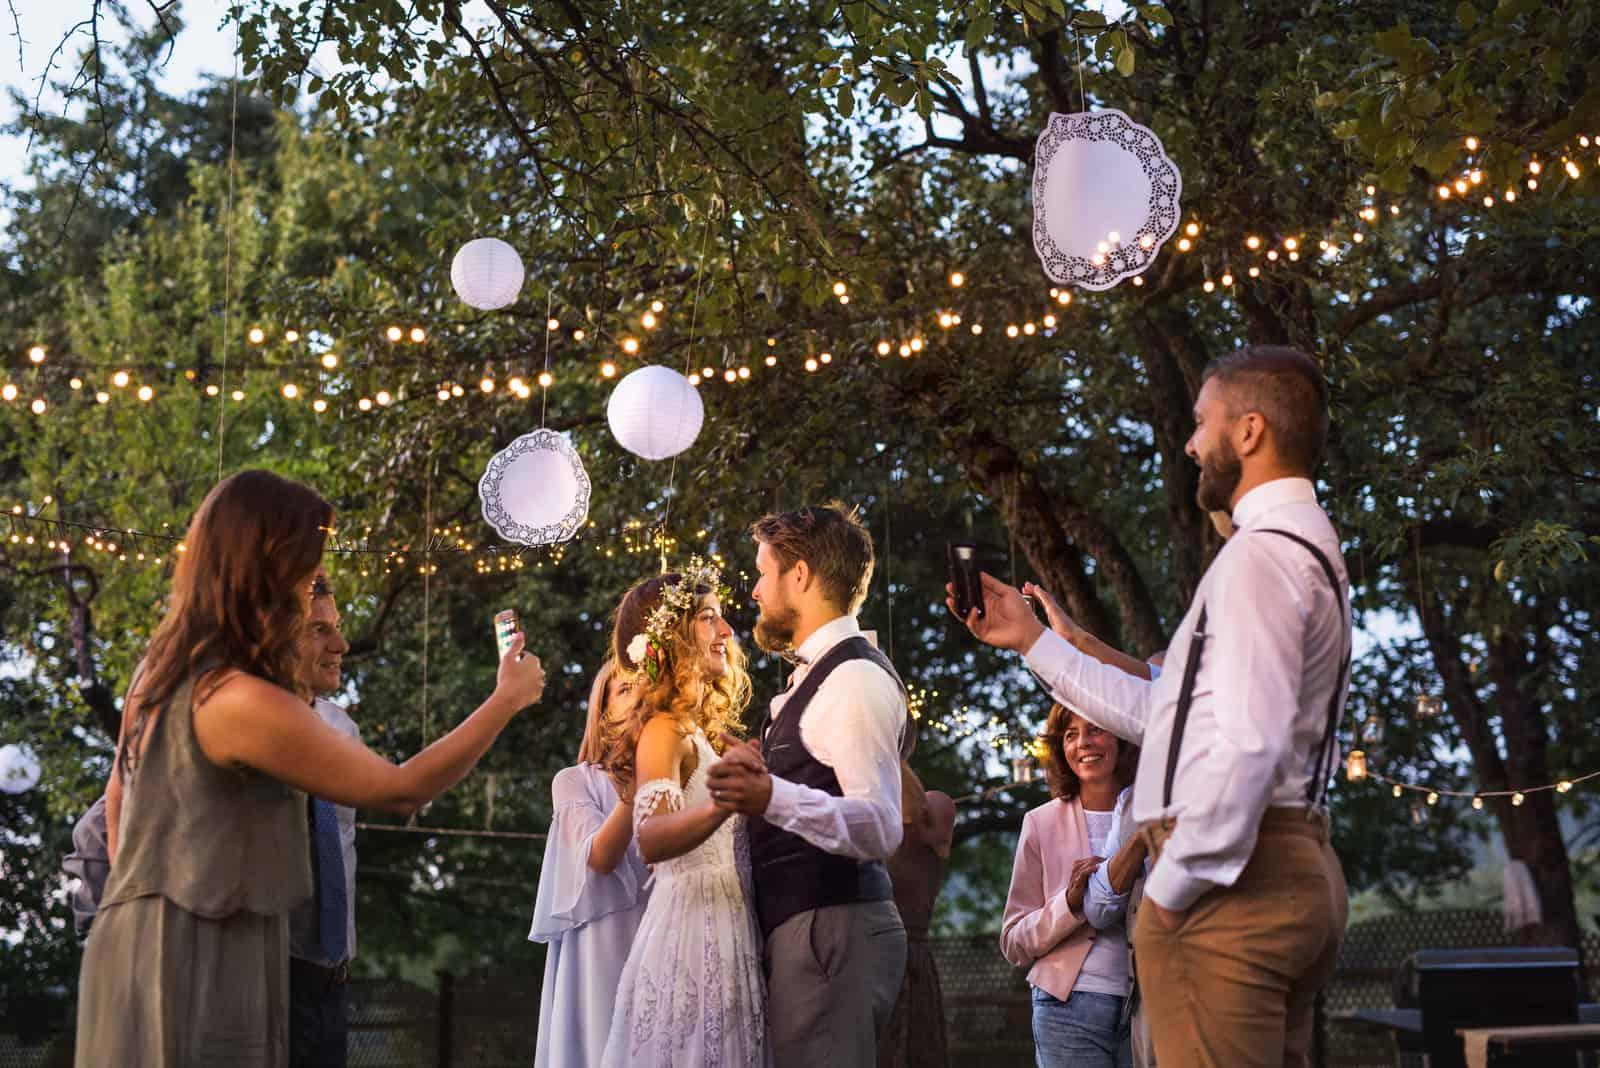 Gäste mit Smartphones fotografieren Braut und Bräutigam auf der Hochzeitsfeier draußen